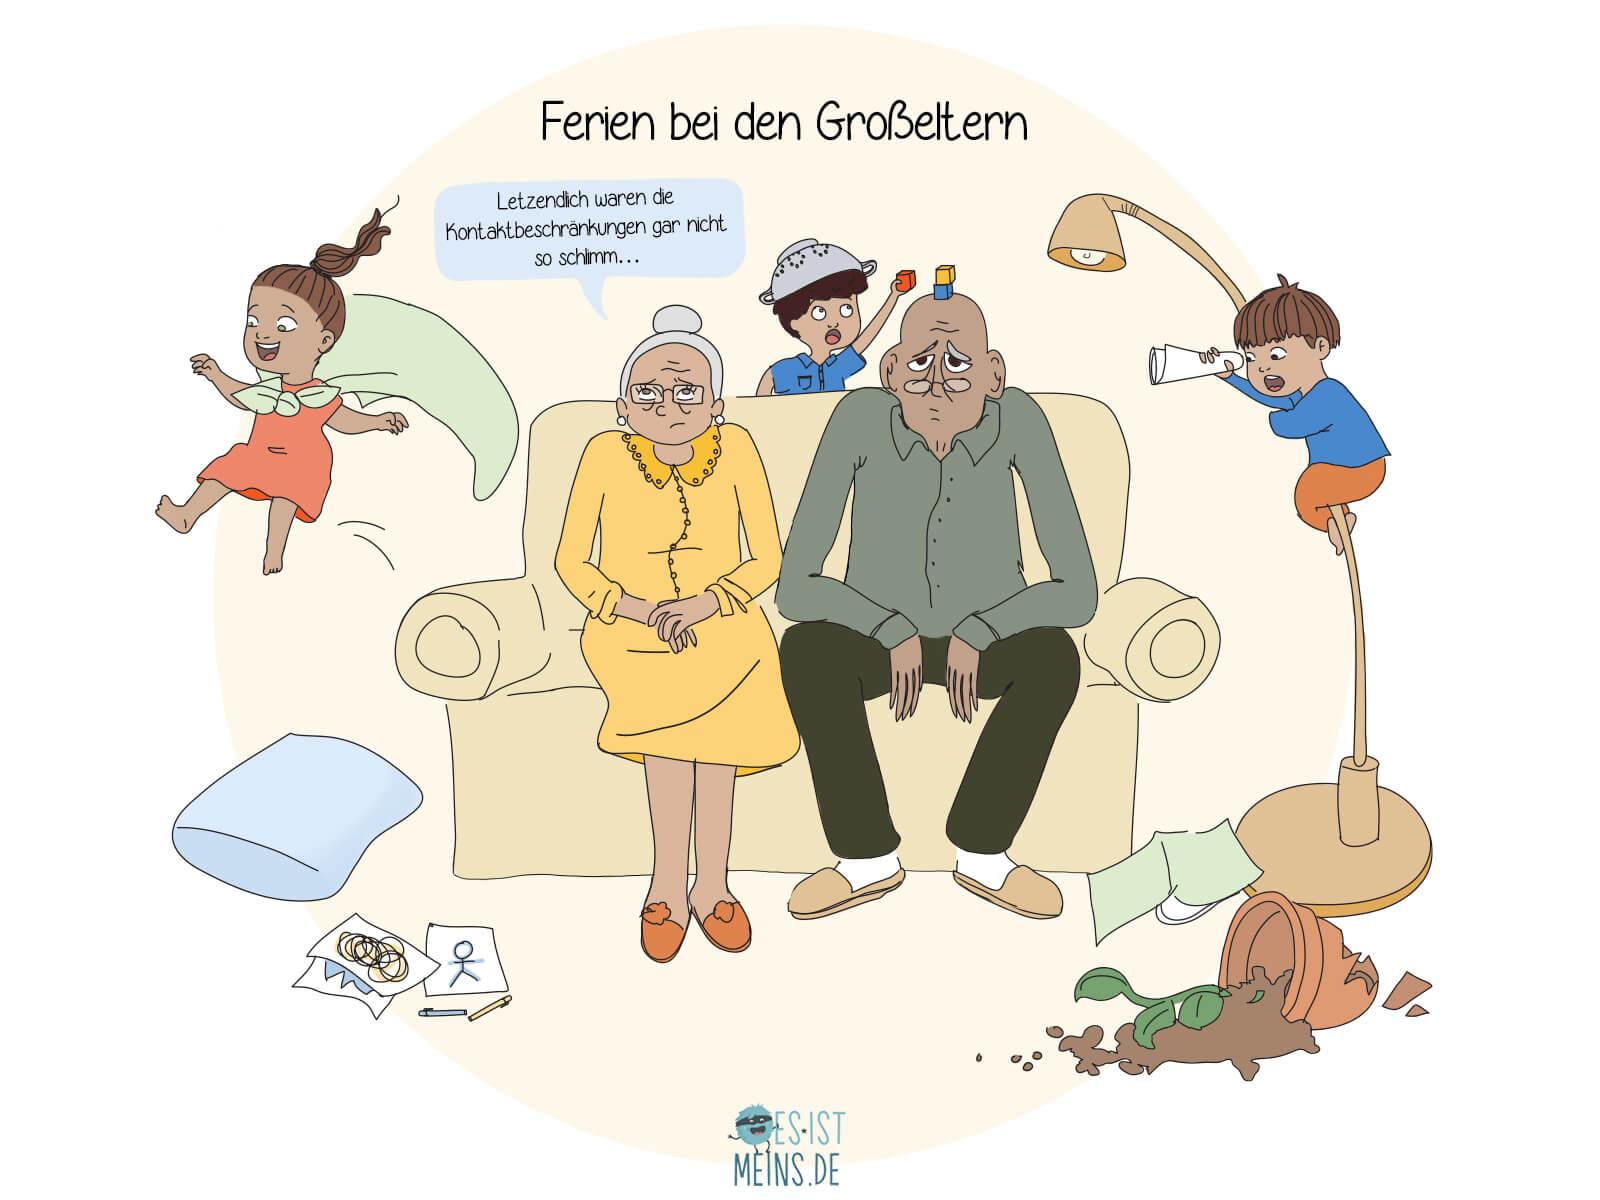 Während der Ferien träumen viele davon, die Kinder bei ihren Großeltern zu lassen… Sehr zum Leidwesen von Letzteren.